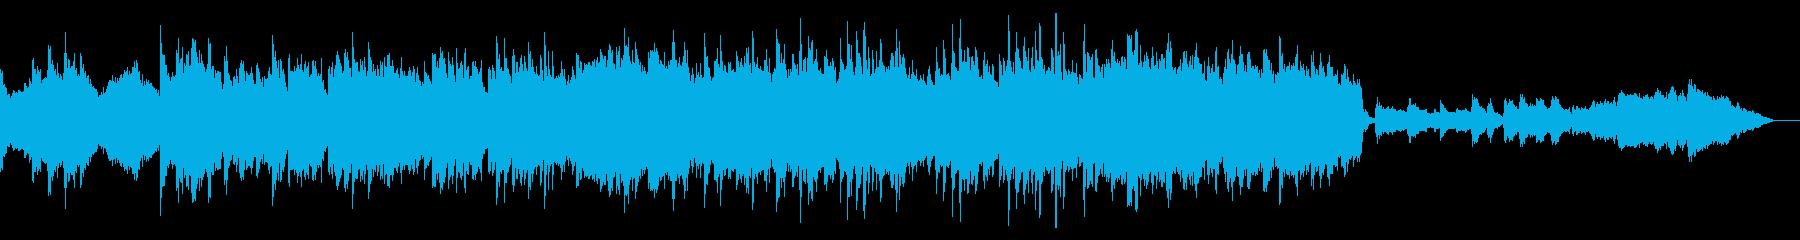 壮大でスケール感のあるポップスの再生済みの波形